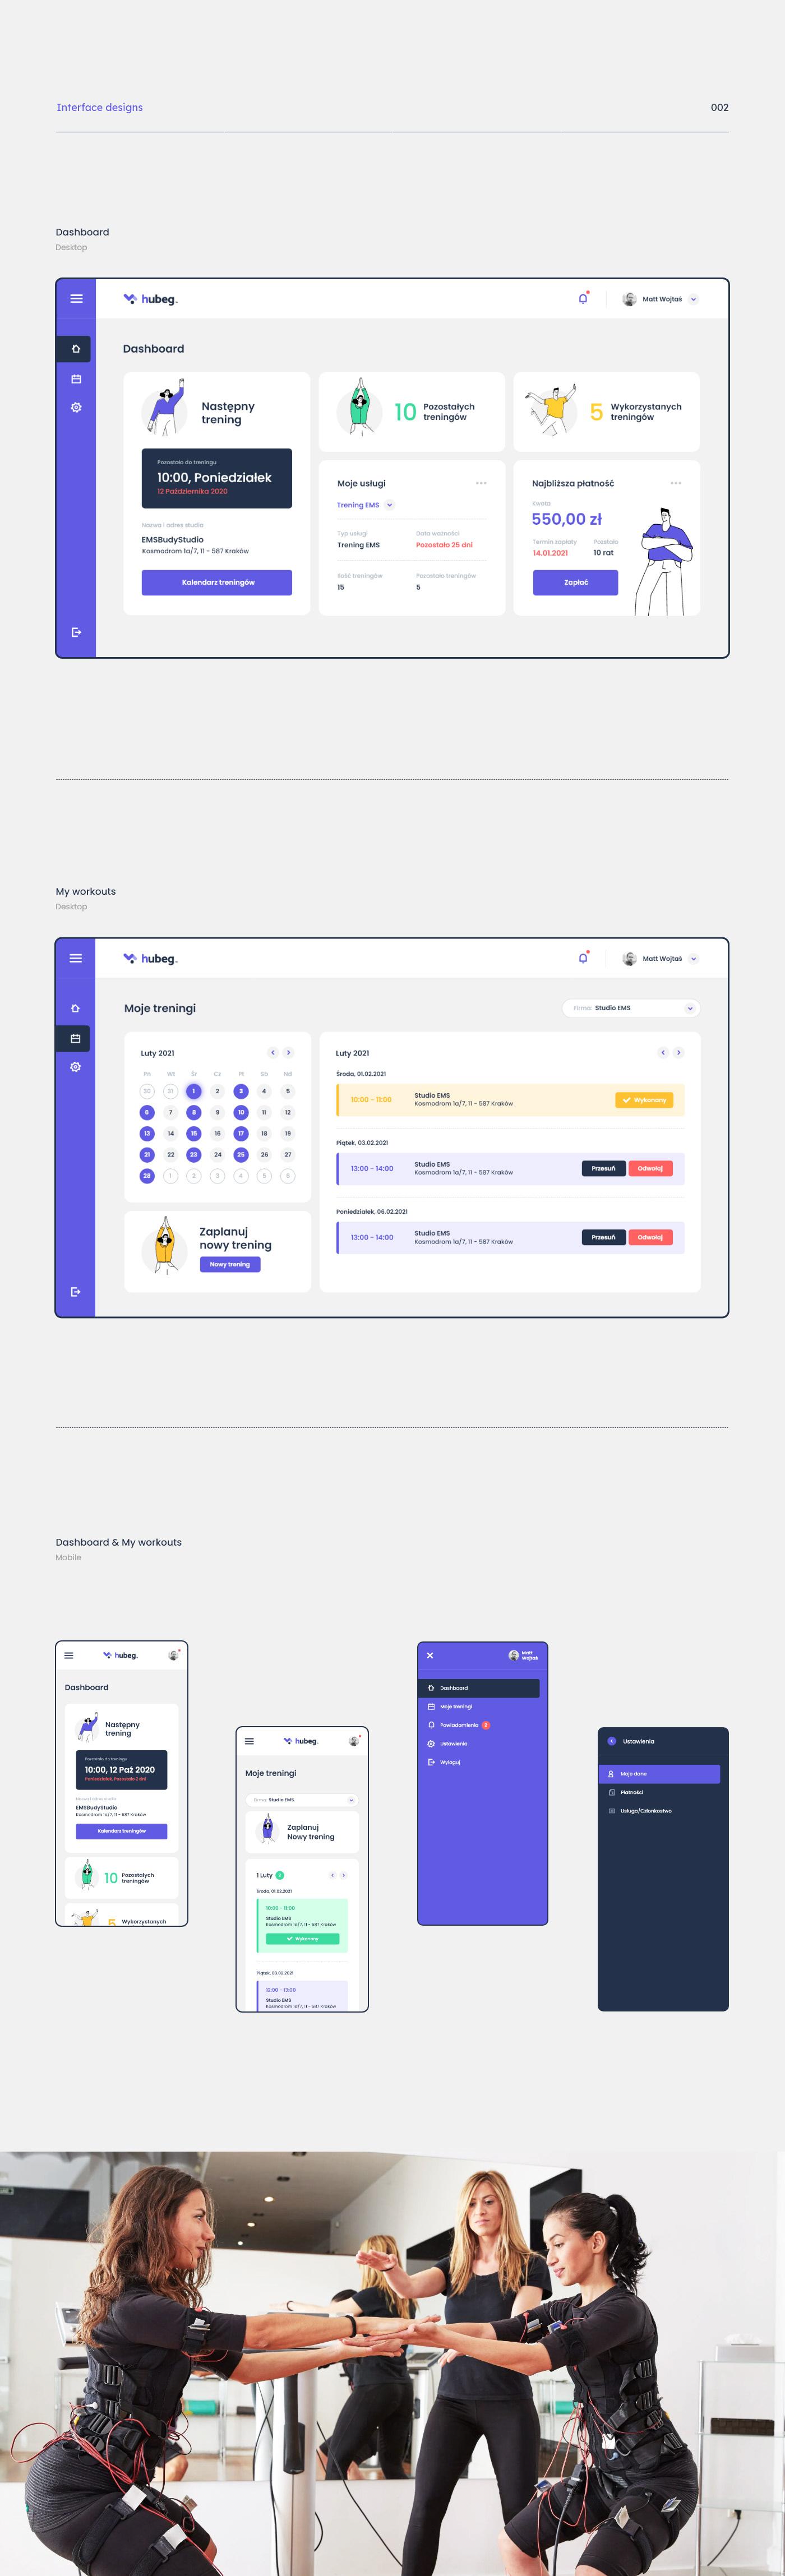 app application ems Platform sport studio system webapp workout